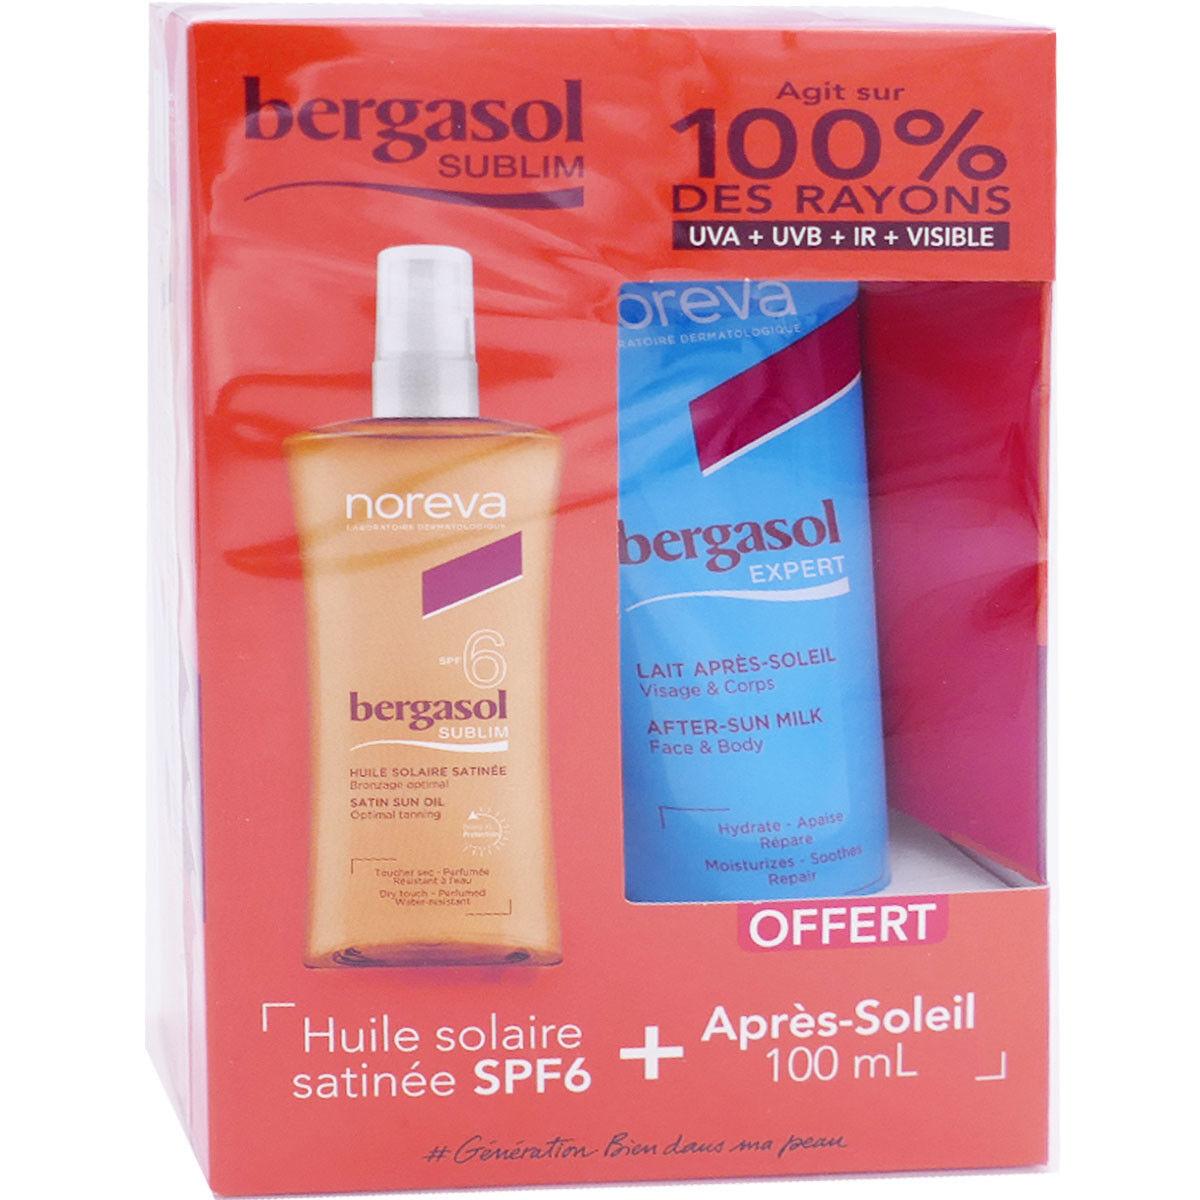 Bergasol sublim huile solaire satinee spf6 + apres soleil 100ml